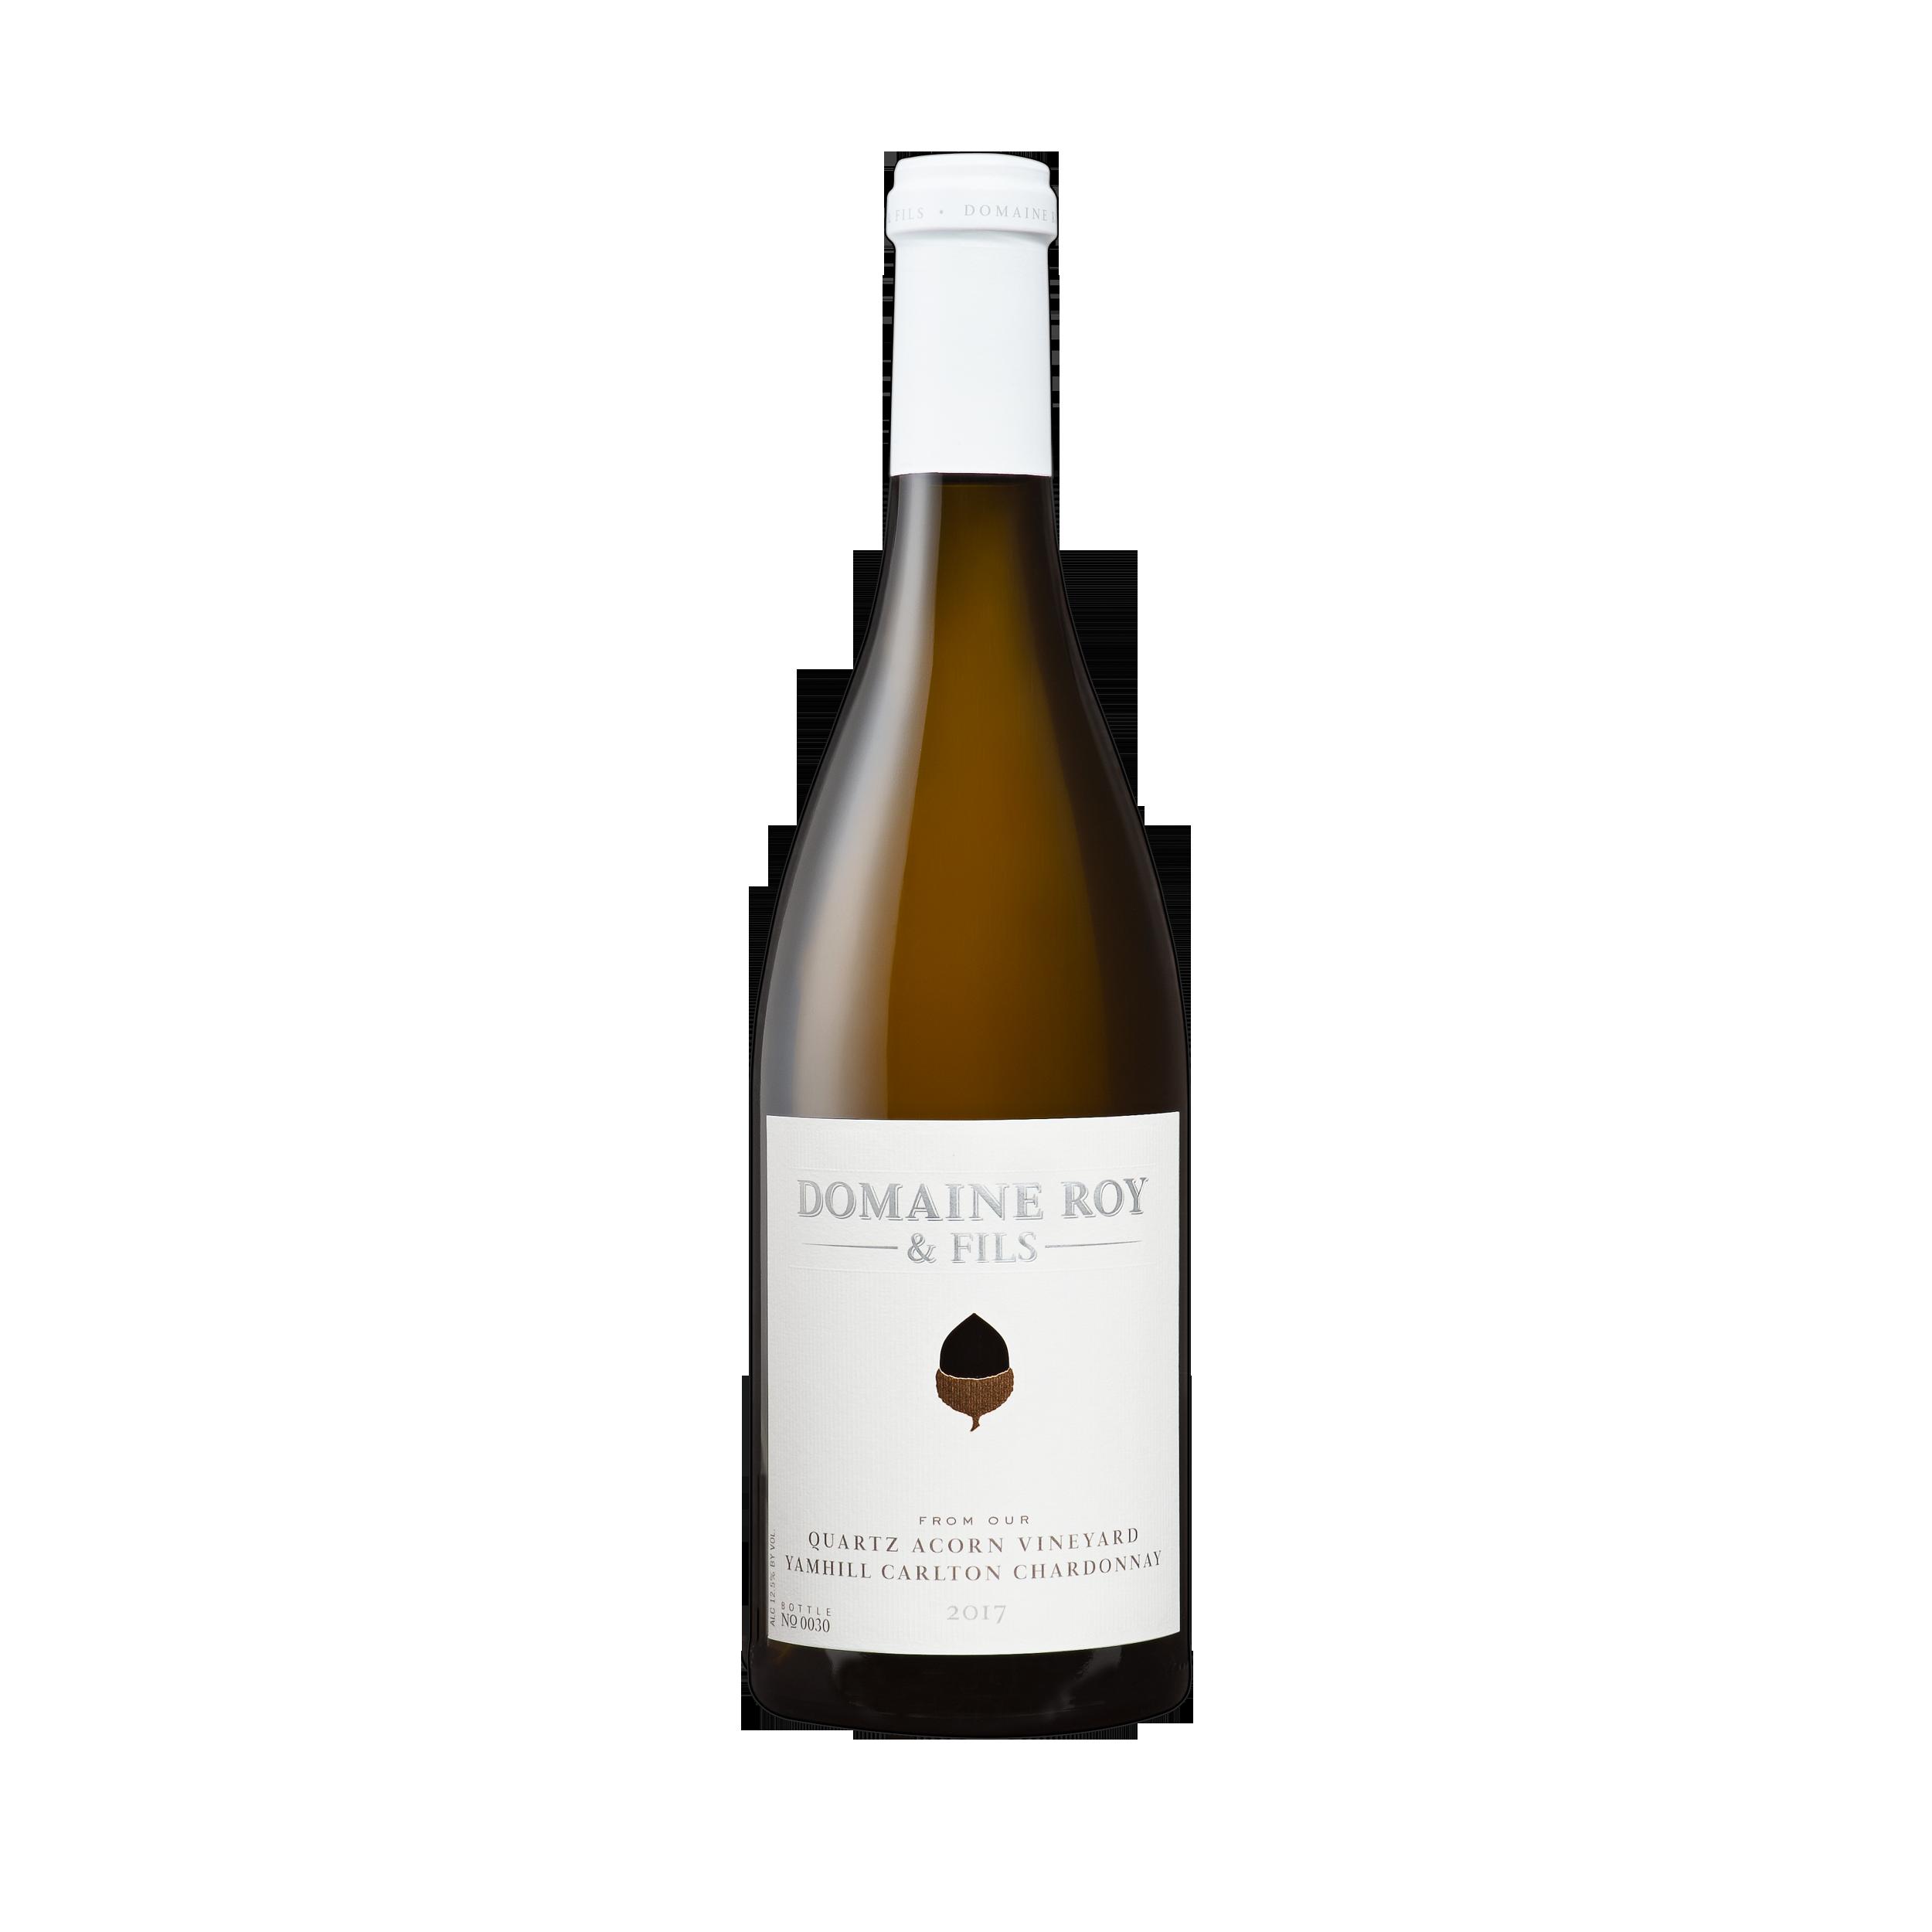 2017 Quartz Acorn Vineyard Chardonnay